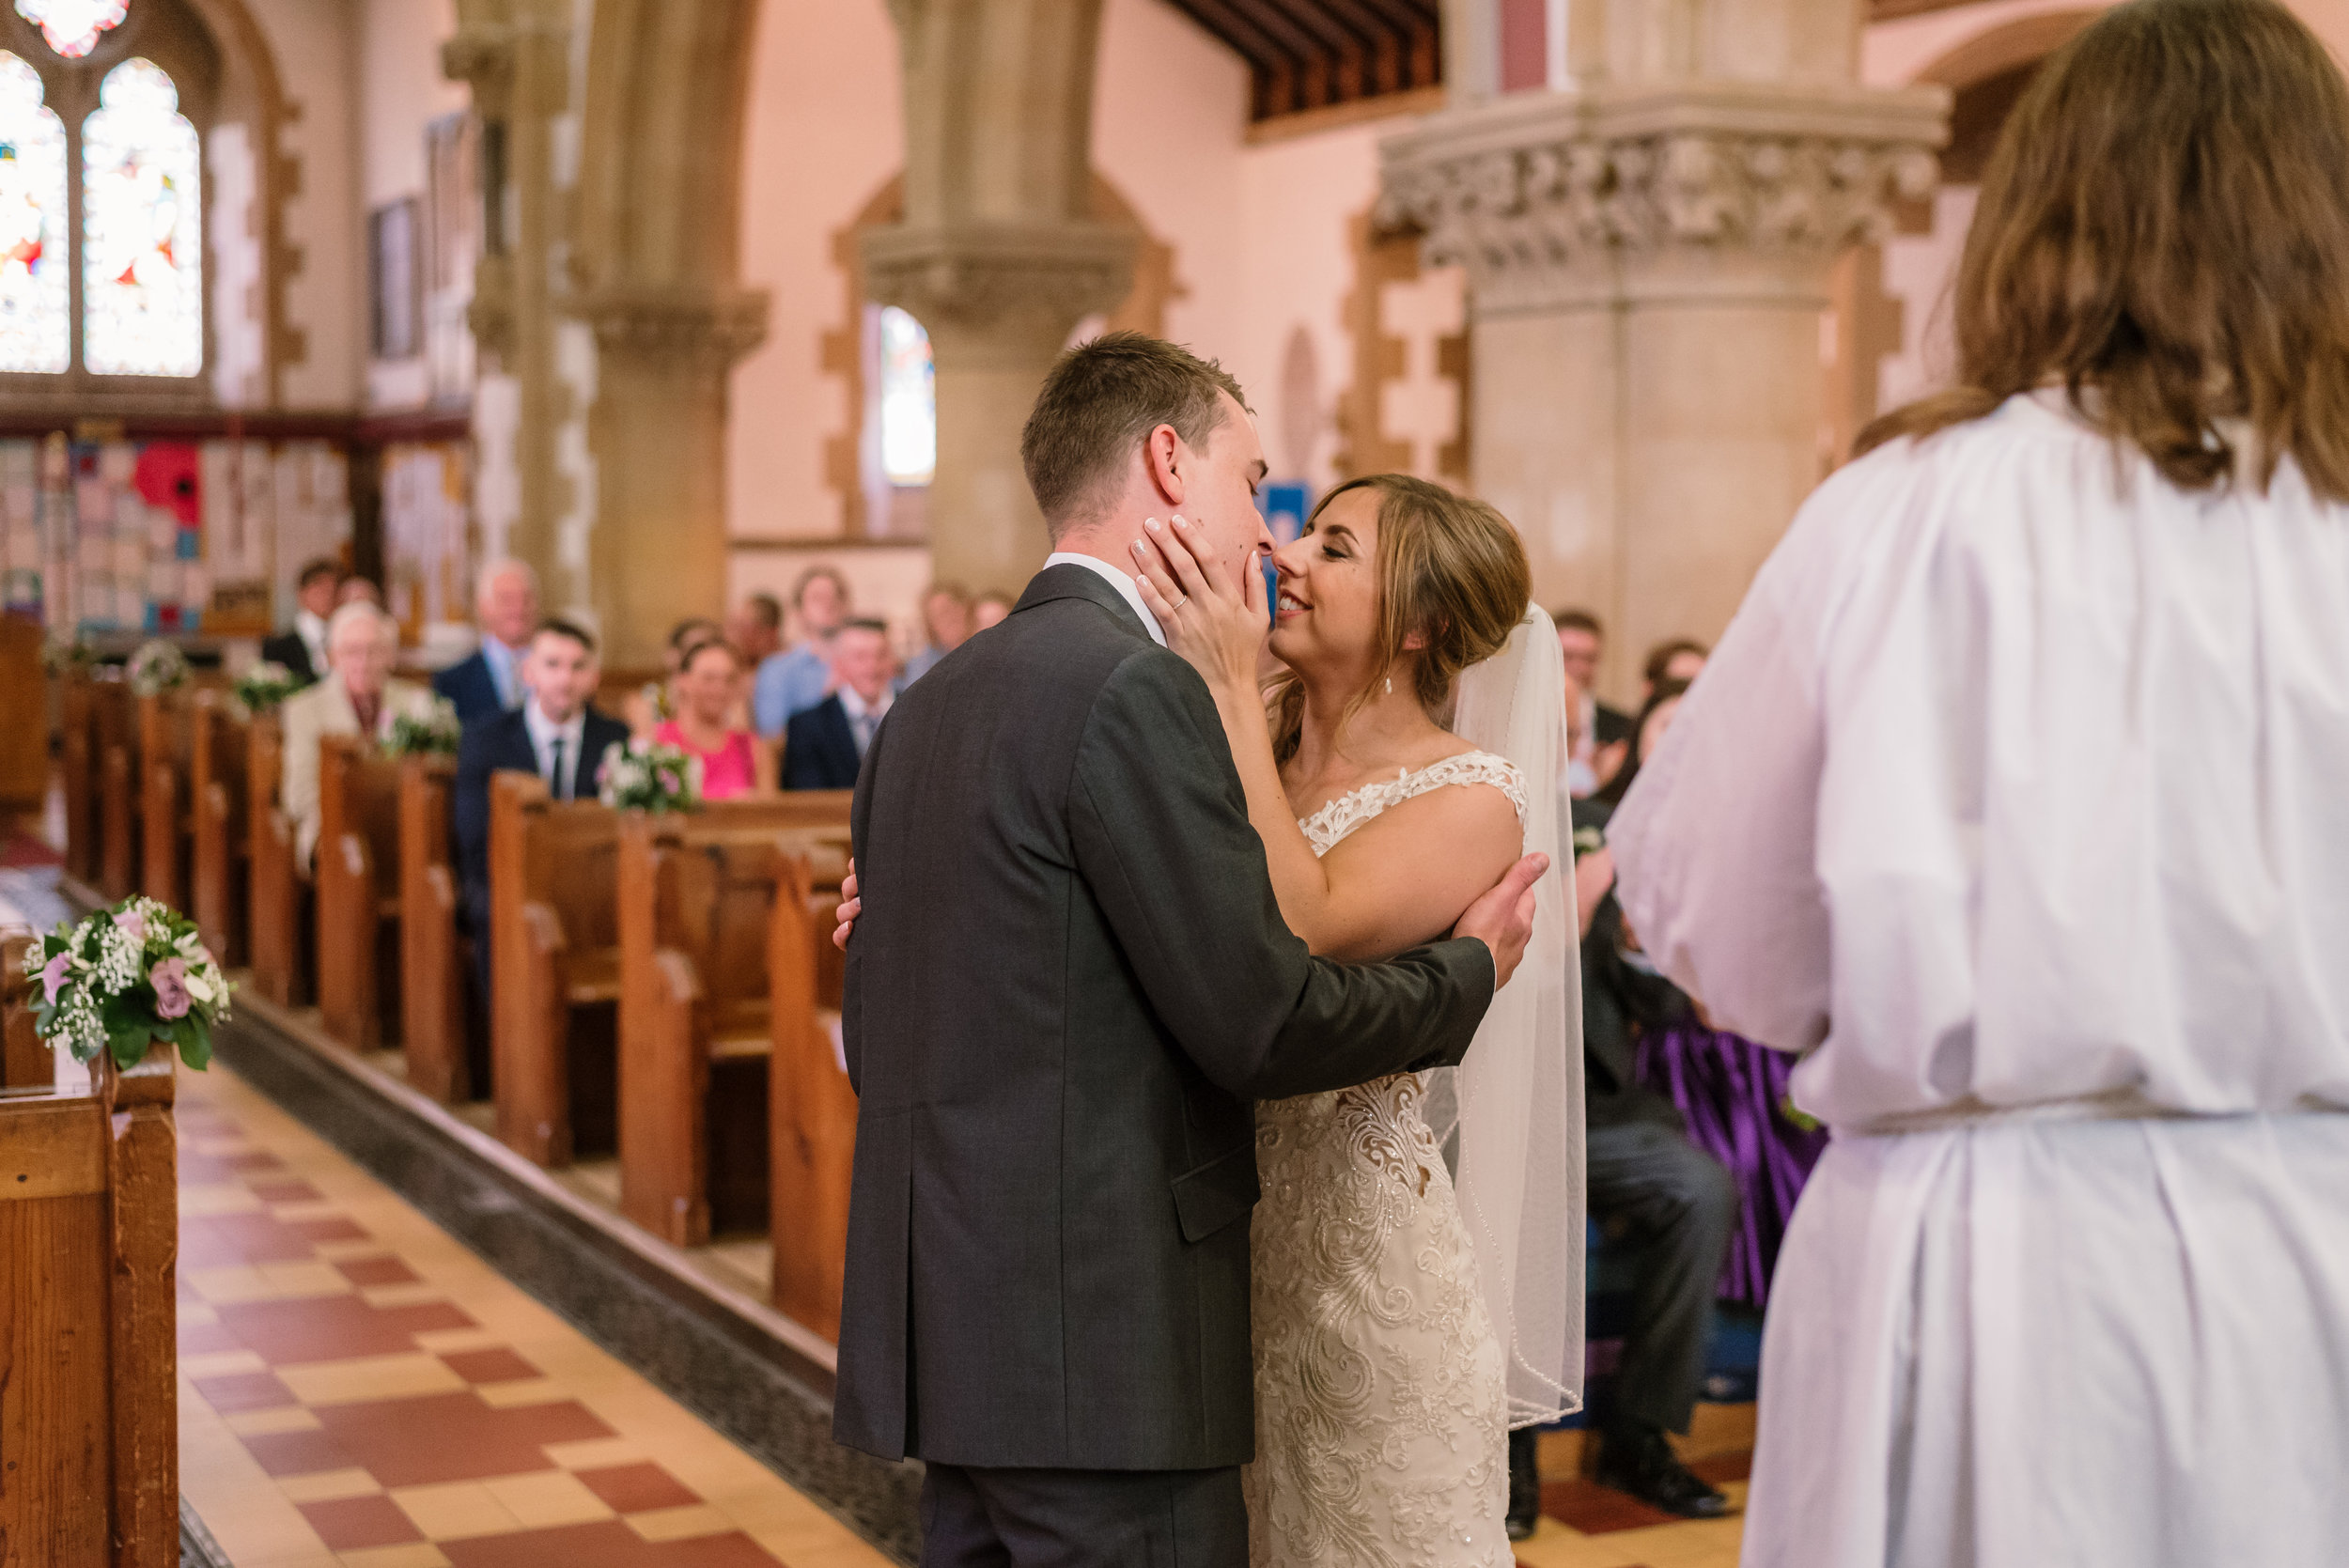 Hampshire Wedding Photographer Hampshire : Ufton-Court-Wedding : Barn-wedding-venue-hampshire : sarah-fishlock-photography : hampshire-barn-wedding-433.jpg